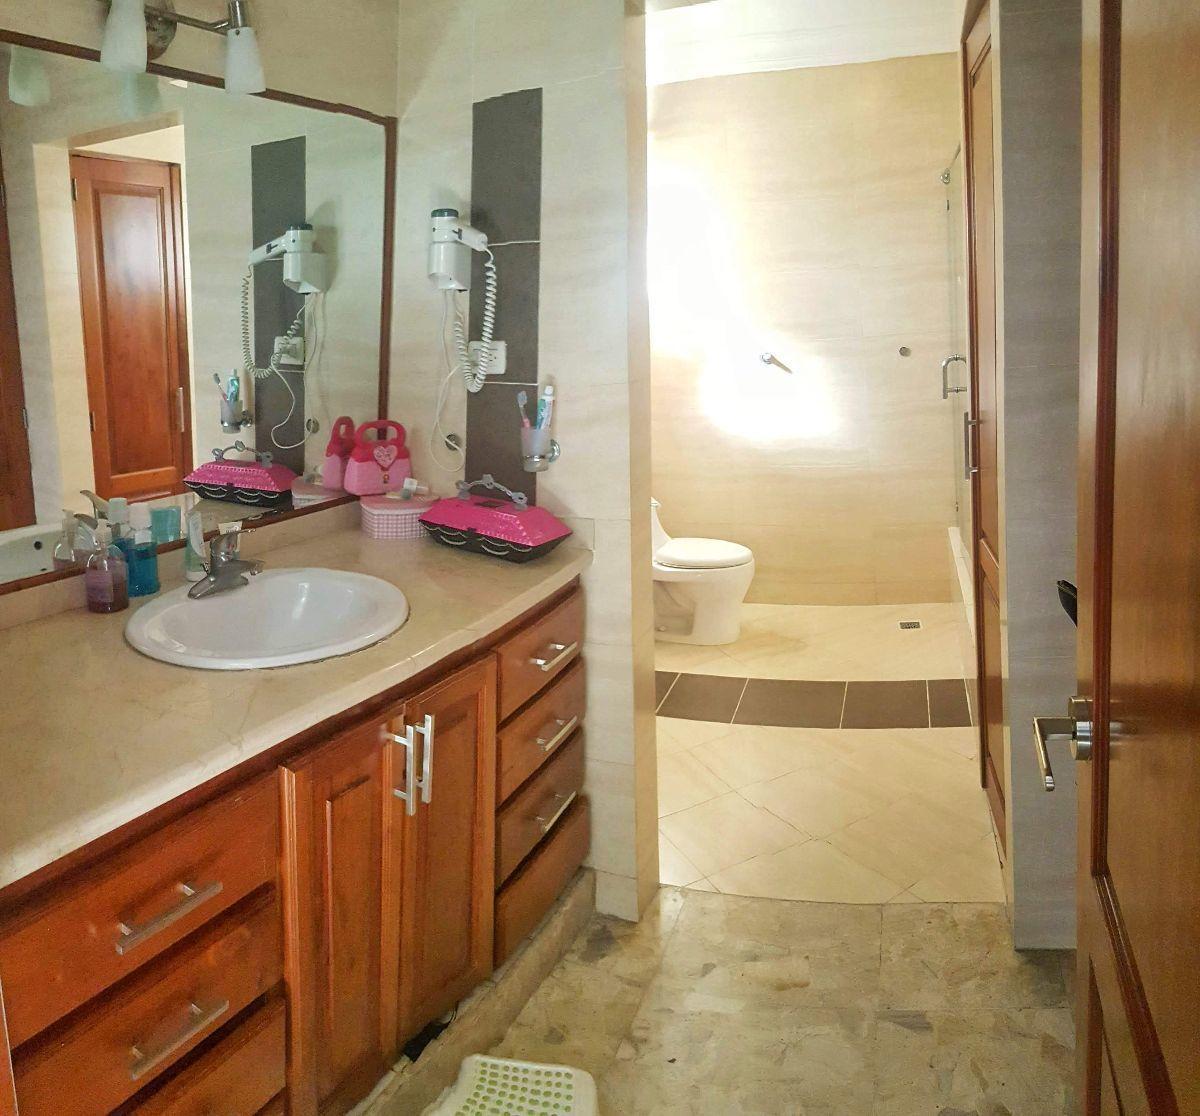 14 de 23: Baño de la habitación 1